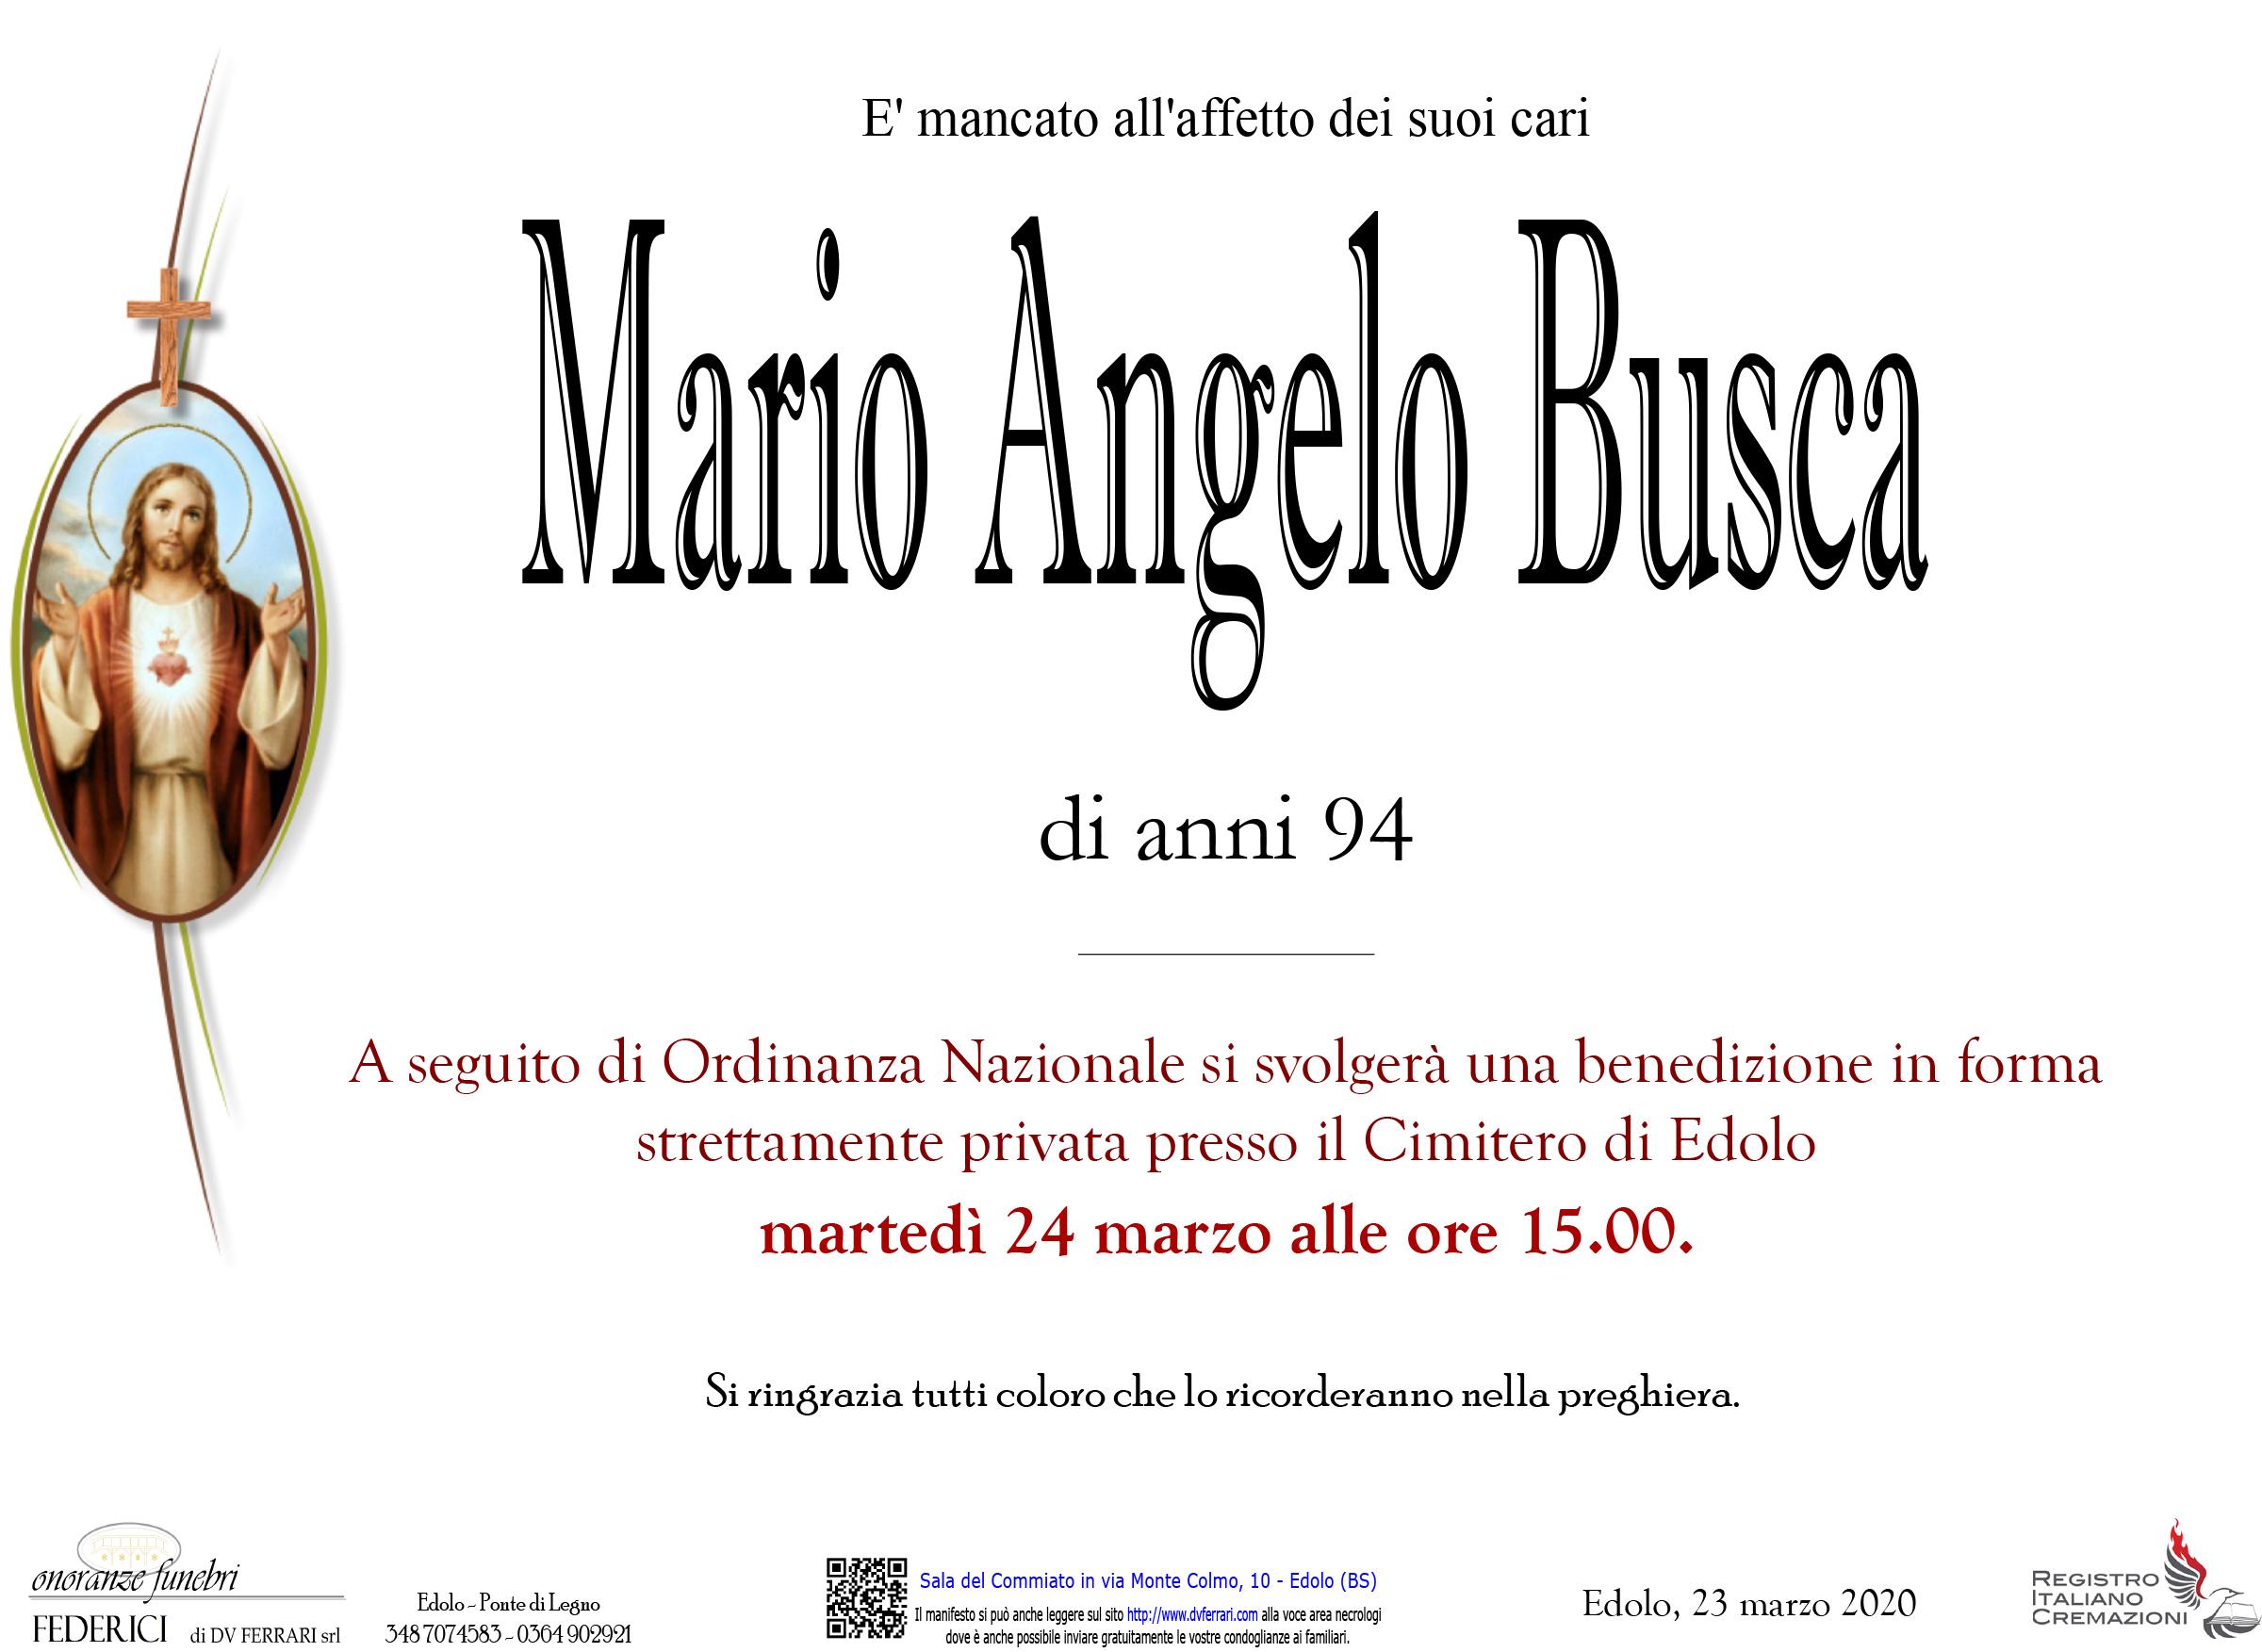 MARIO ANGELO BUSCA - EDOLO